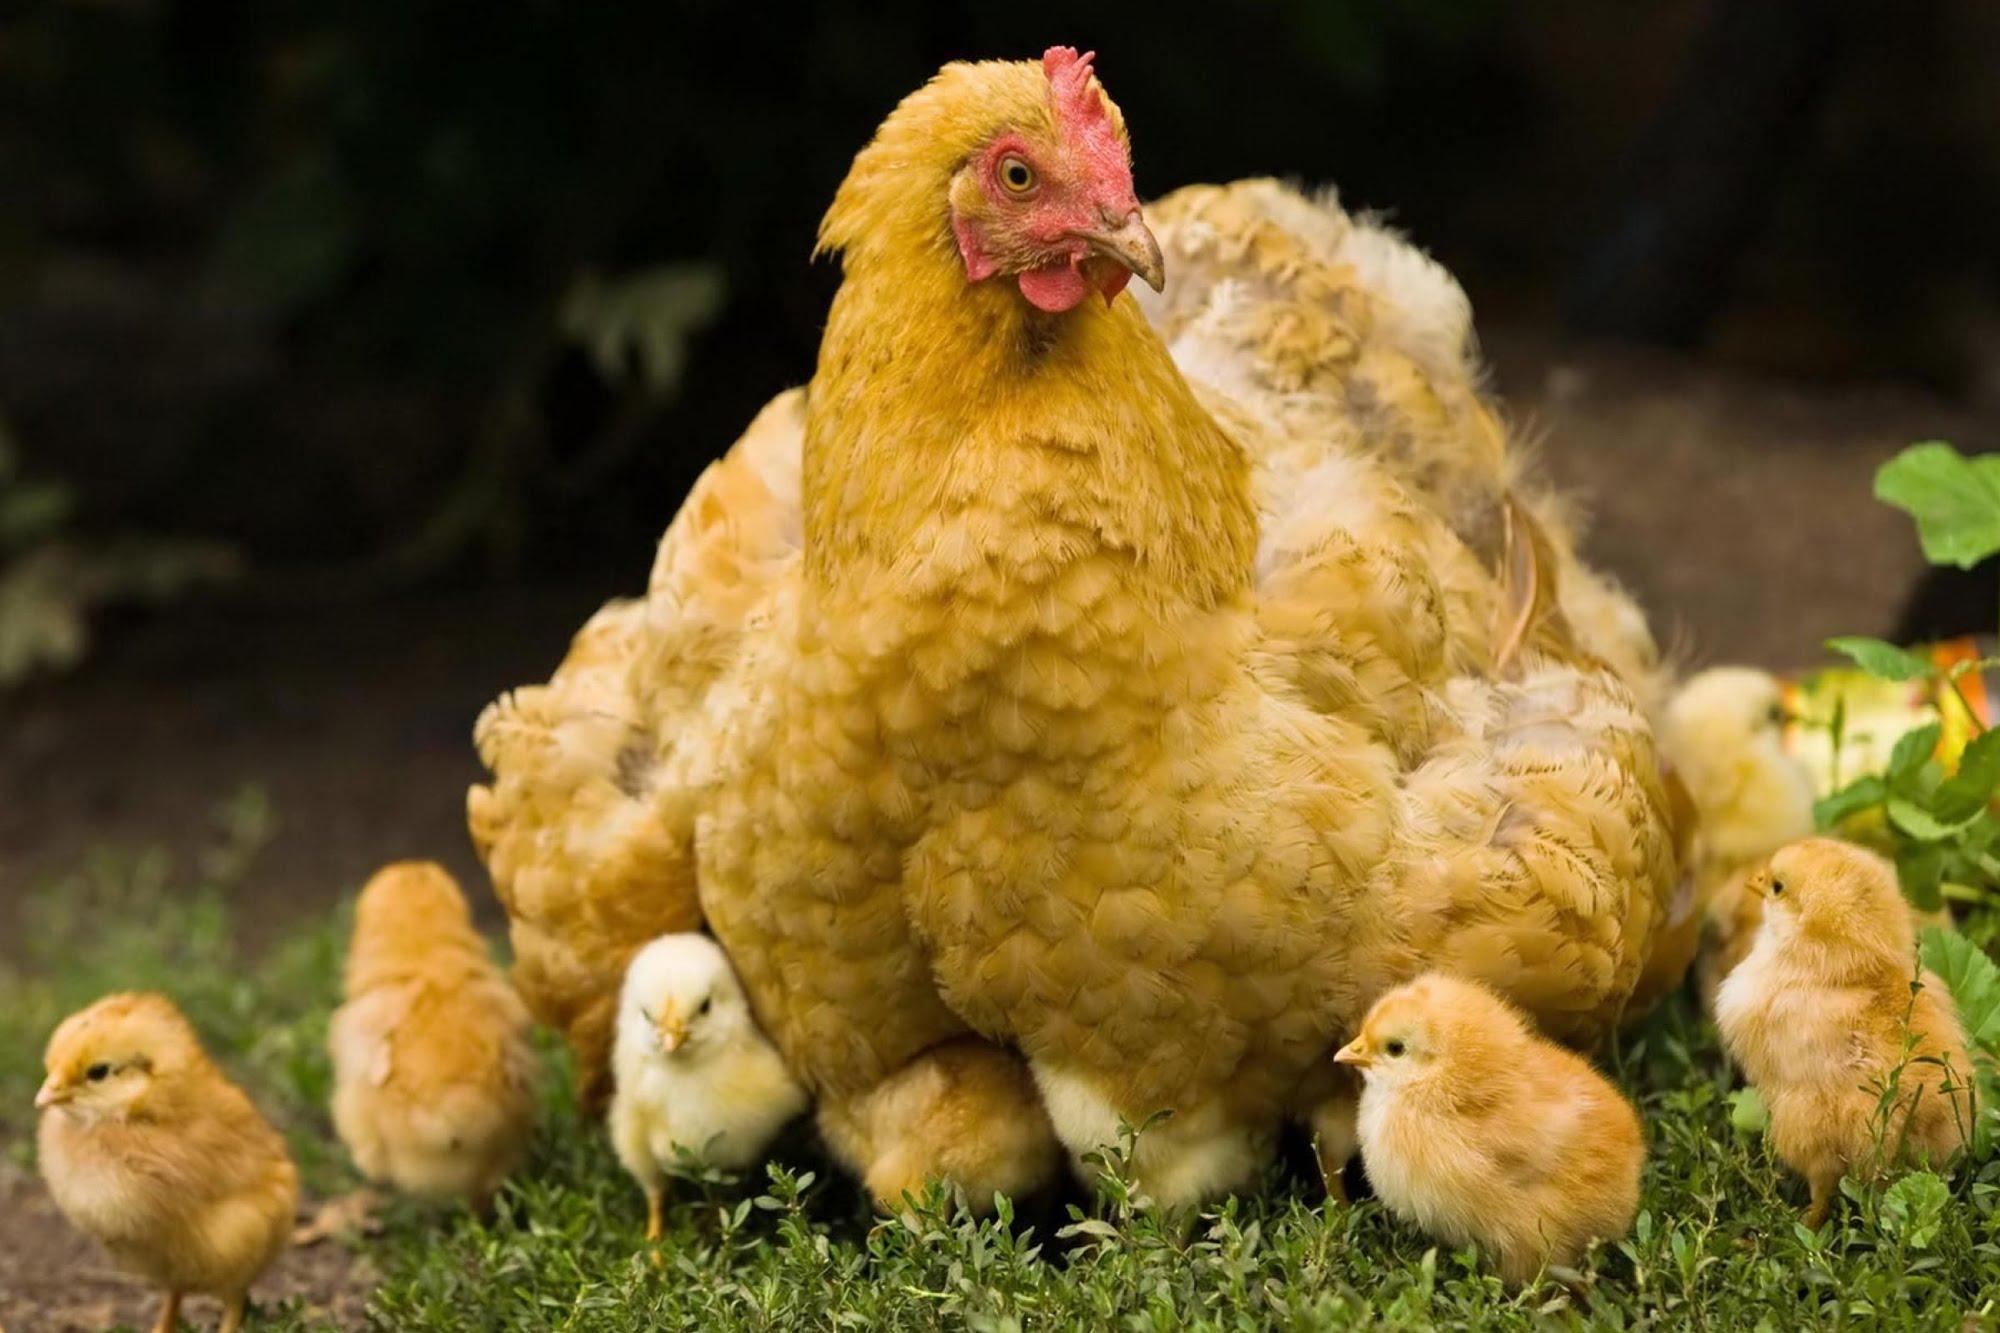 soñar con pollitos y gallinas